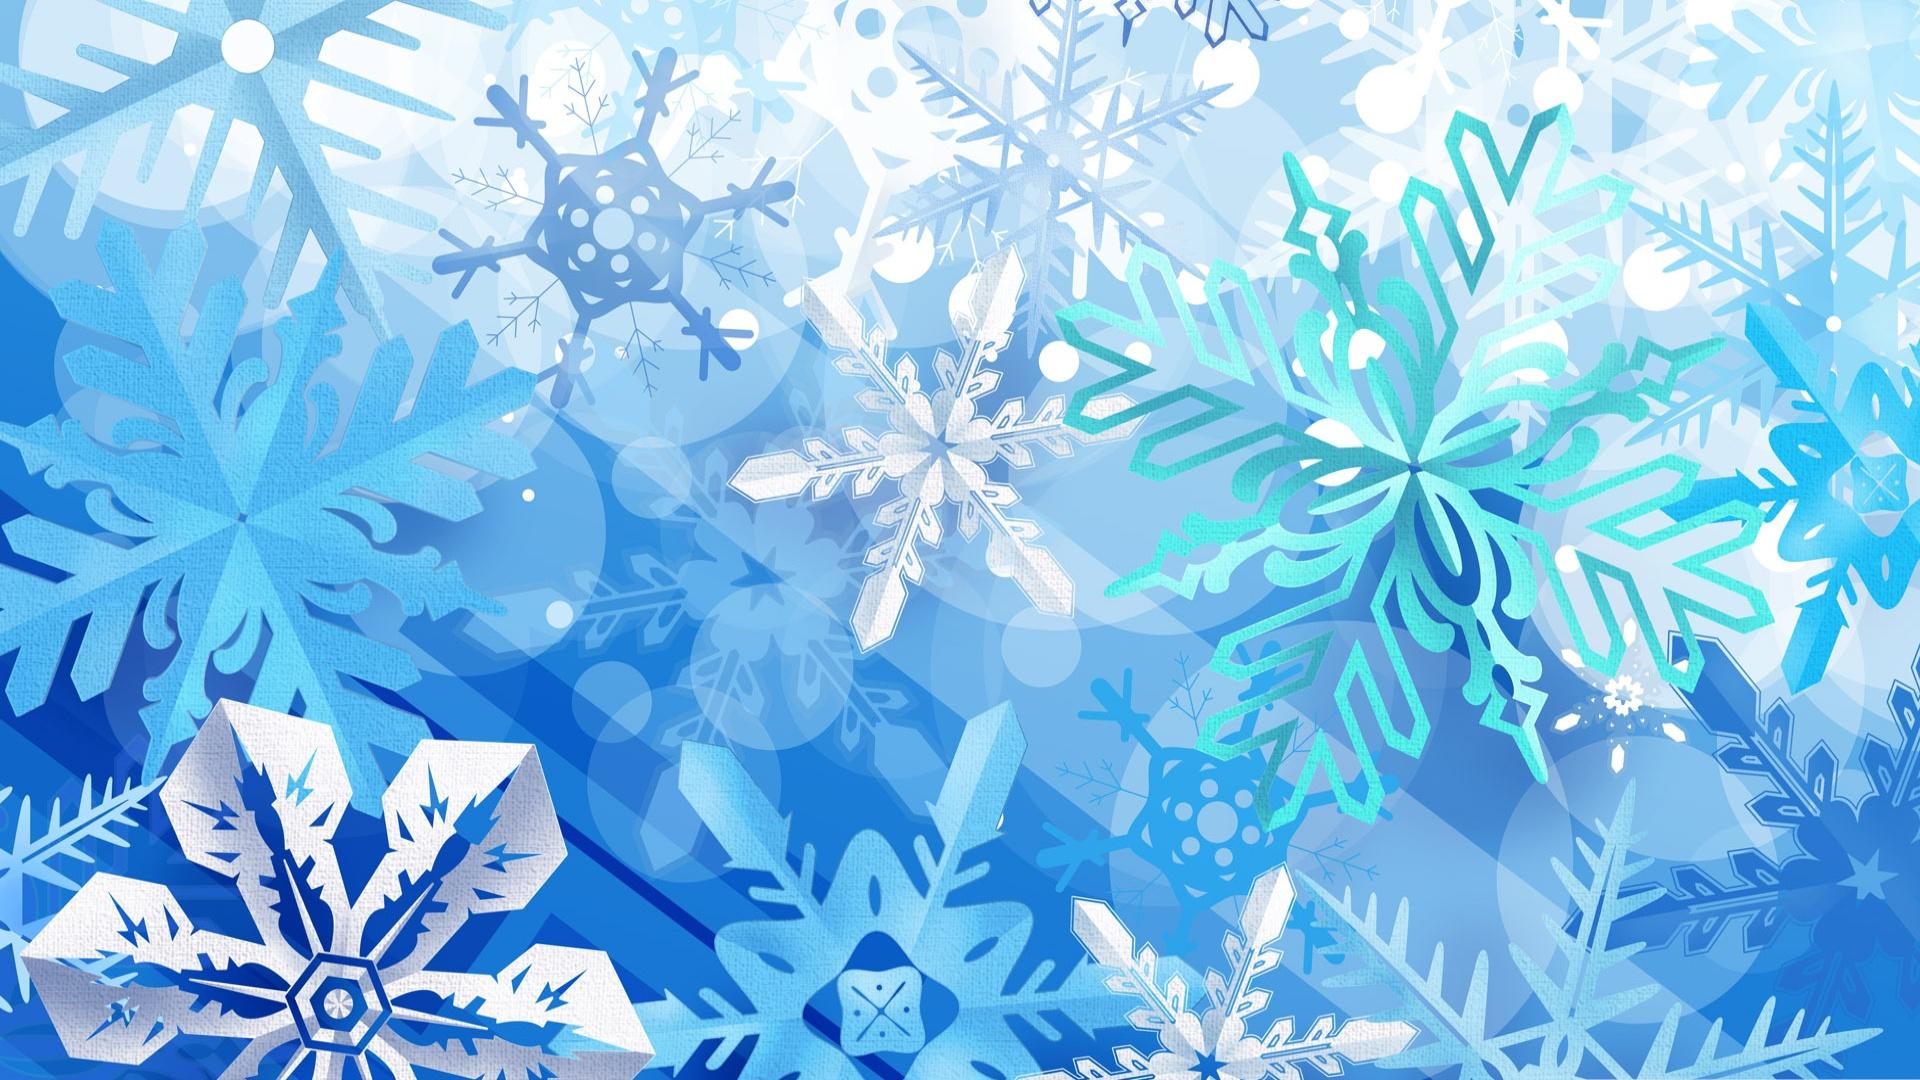 Открытки, картинки снежинки новогодние